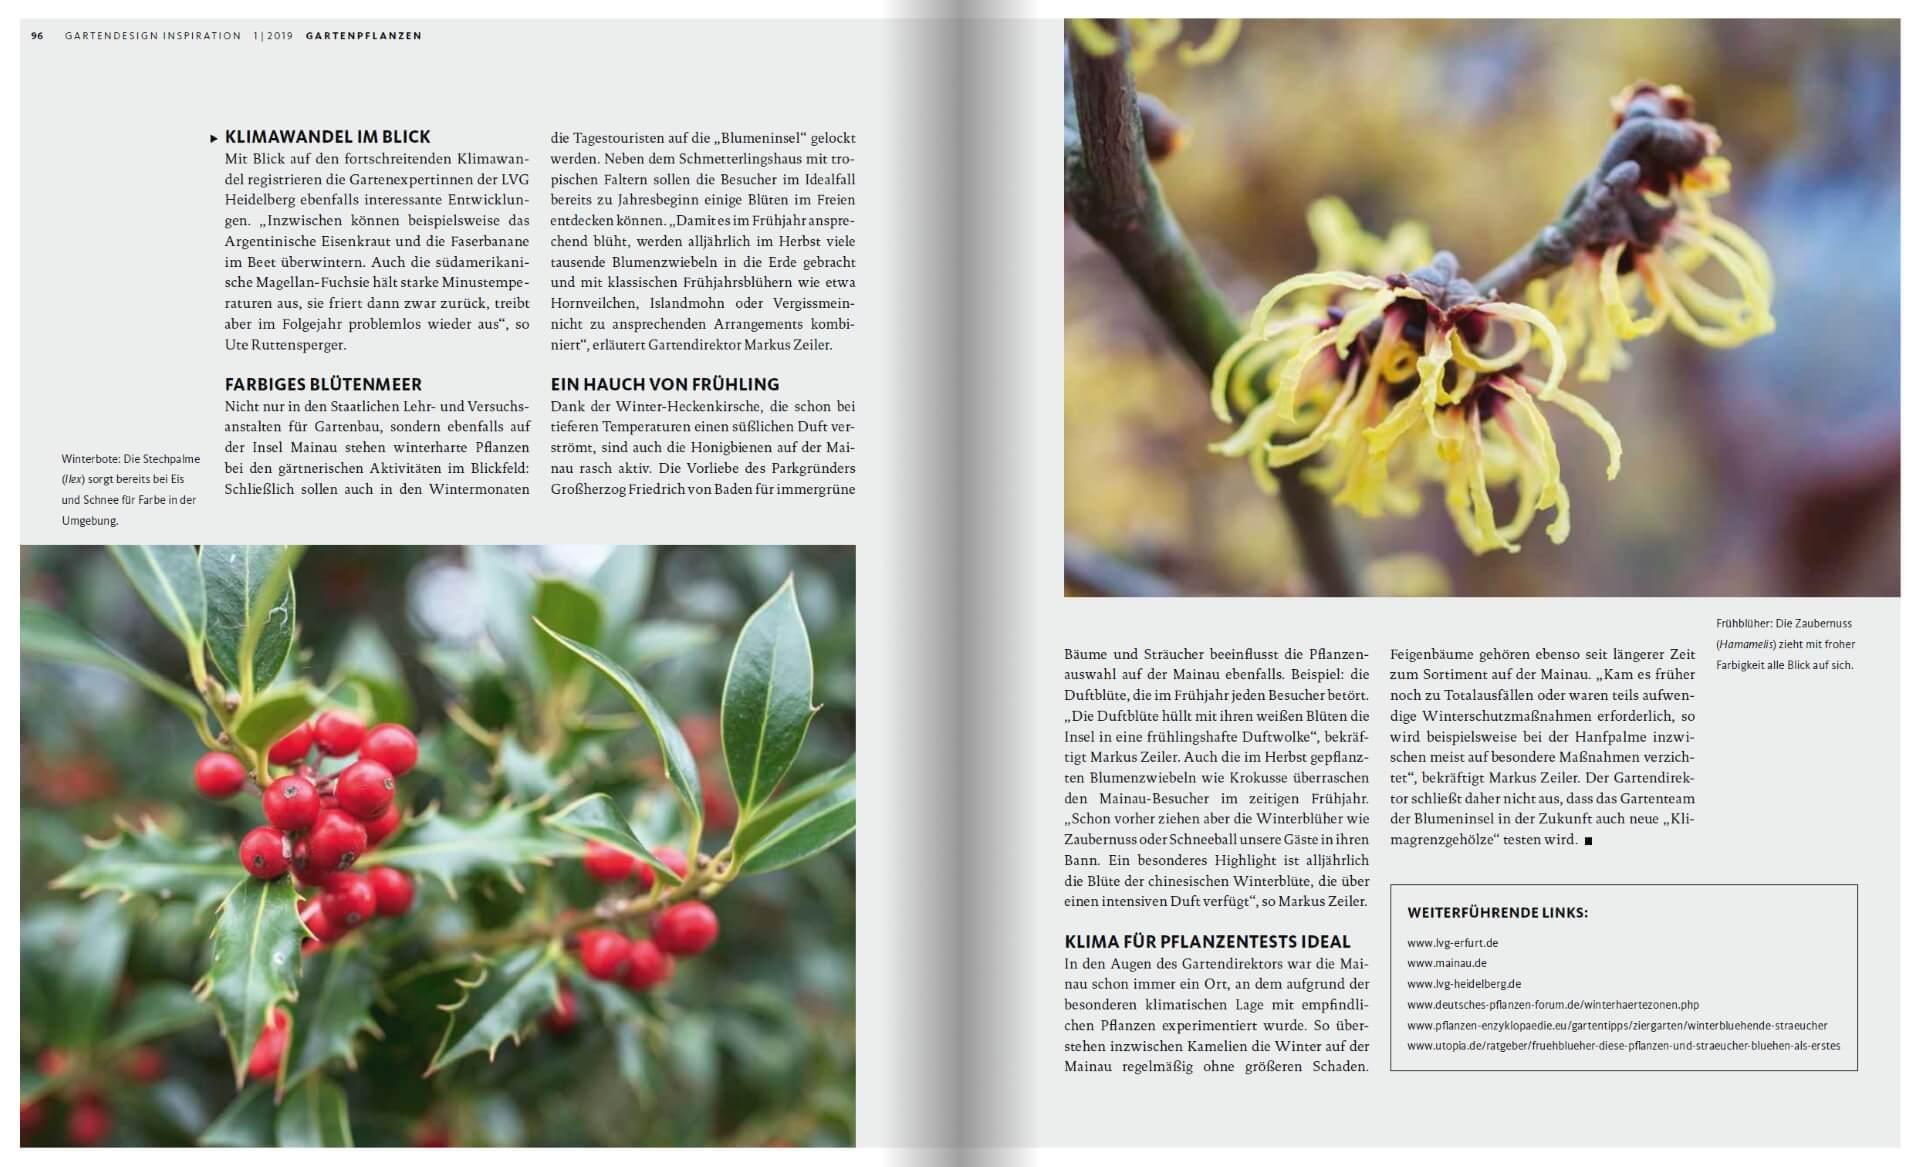 GARTENDESIGN INSPIRATION Ausgabe 1/2019: Winterharte Pflanzen im Garten